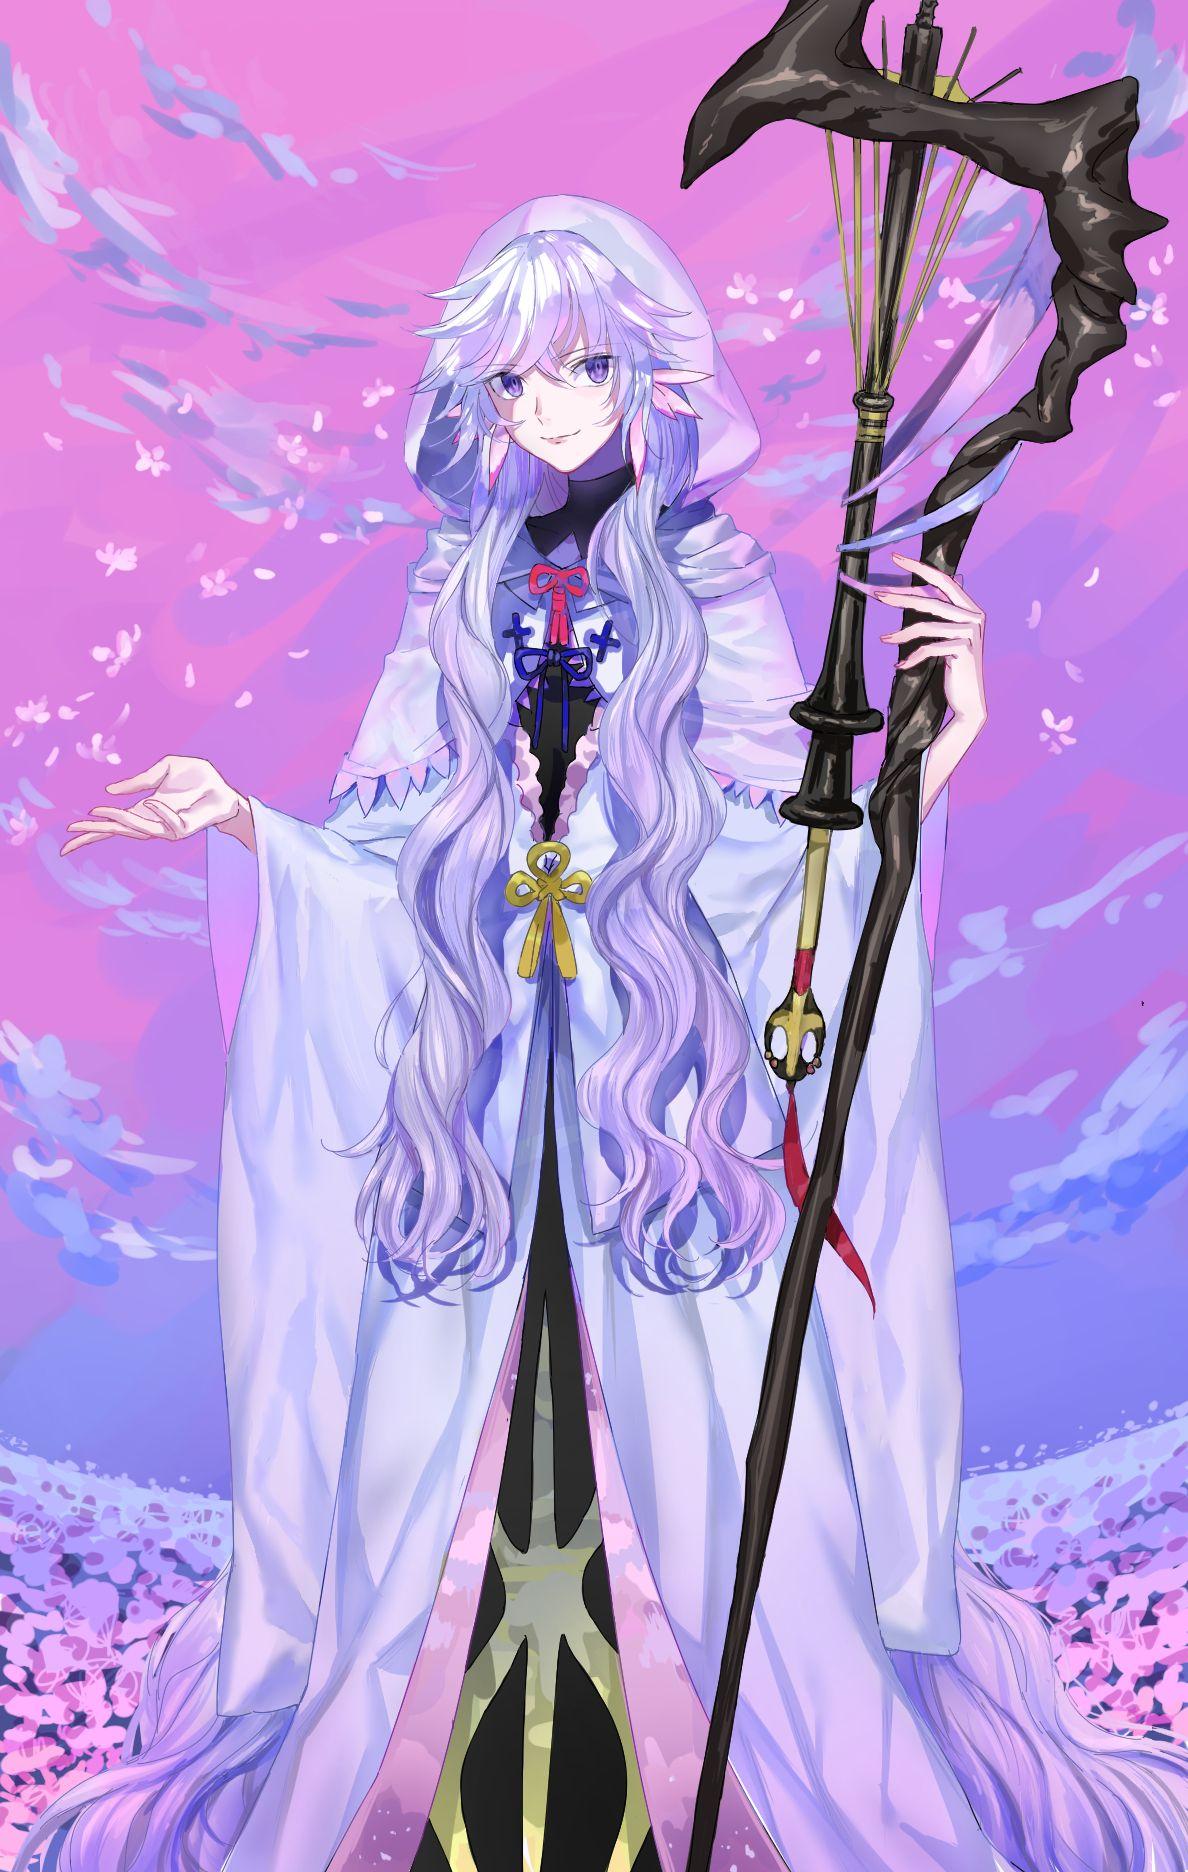 Female Merlin【Fate/Grand Order】 Fate, Fate stay night